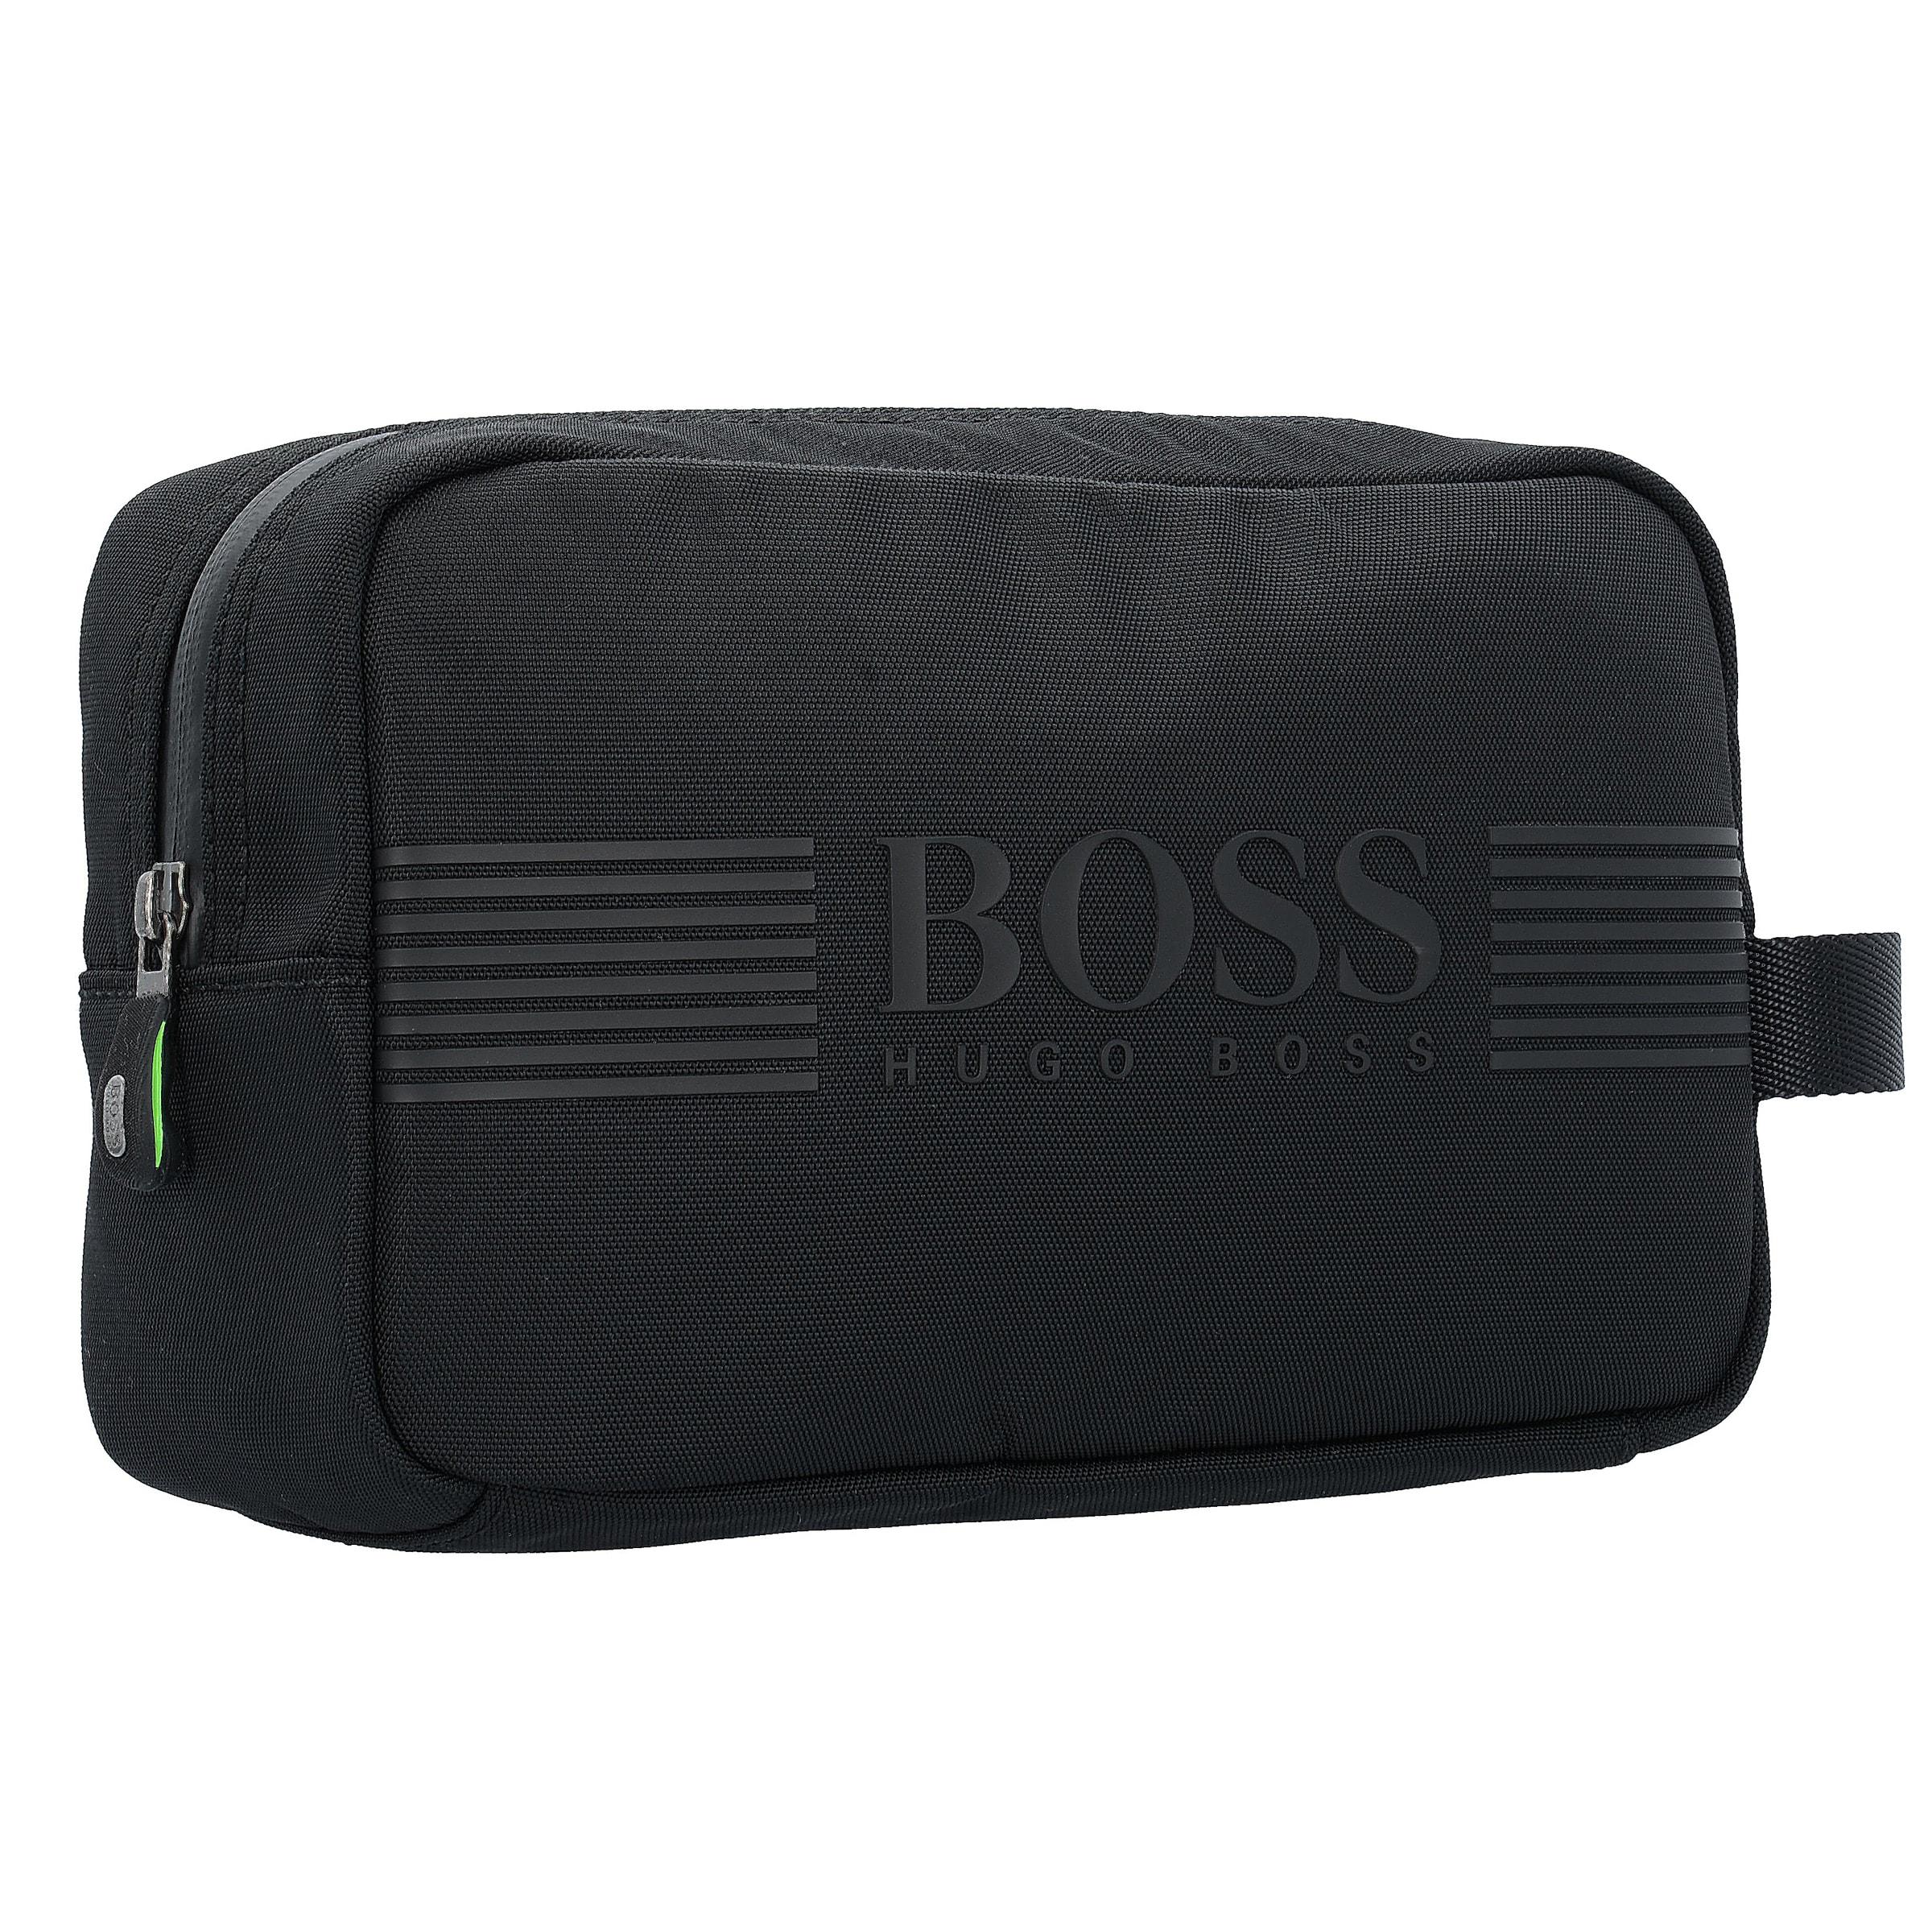 BOSS Pixel Kulturtasche 25 cm Ganz Welt Versand Für Billig Günstig Online dZNFWc5ZMx